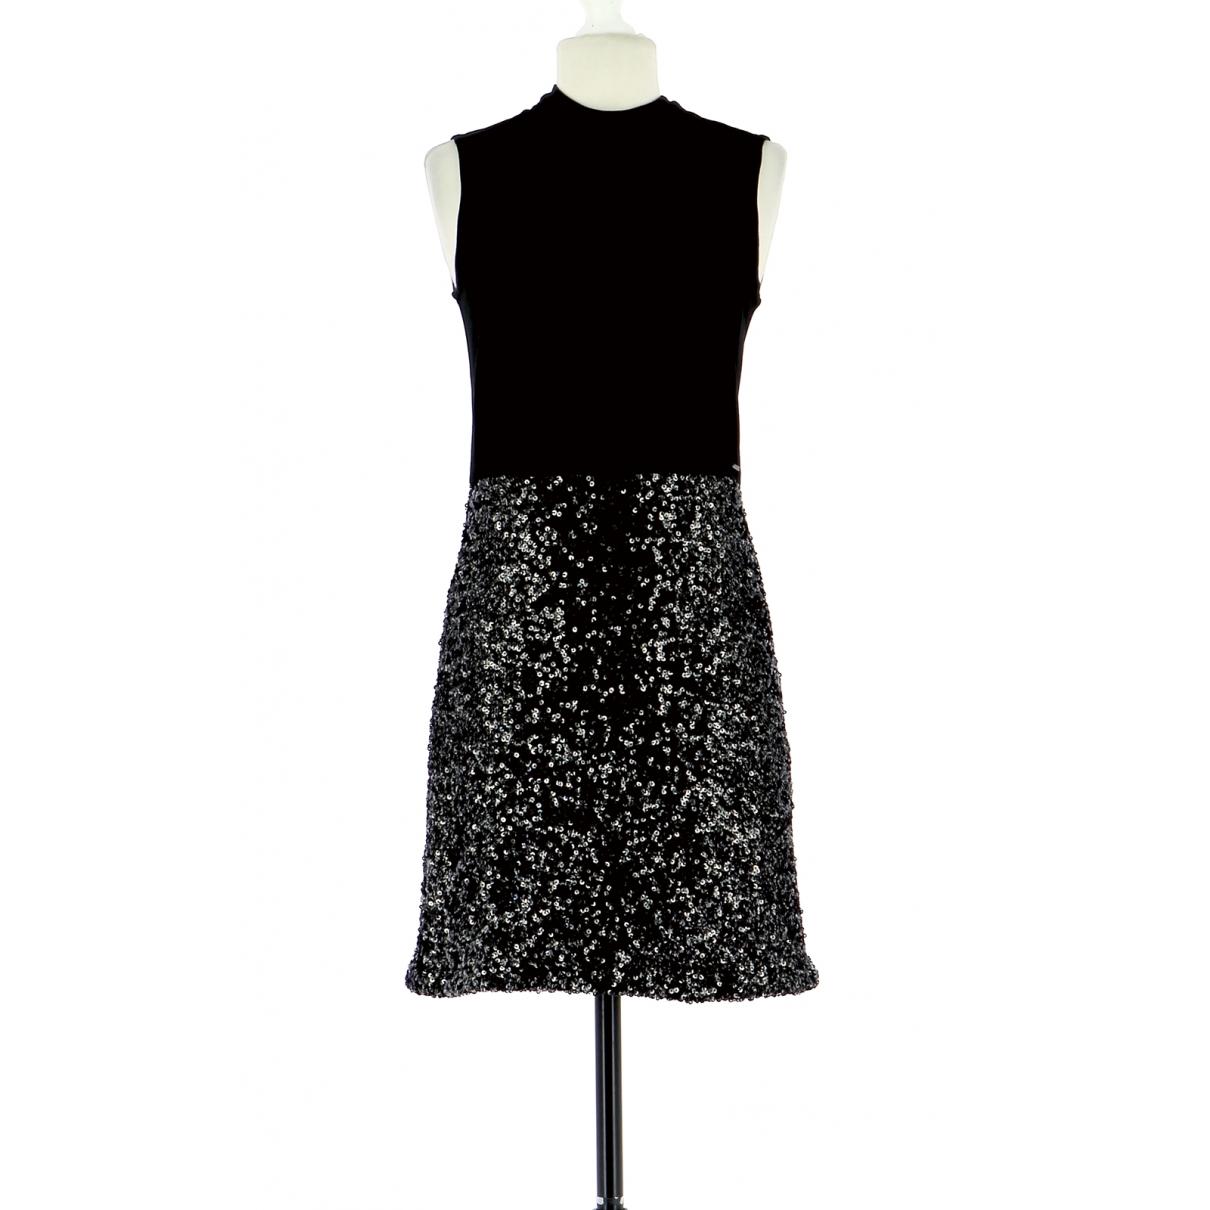 Tommy Hilfiger \N Kleid in  Schwarz Polyester